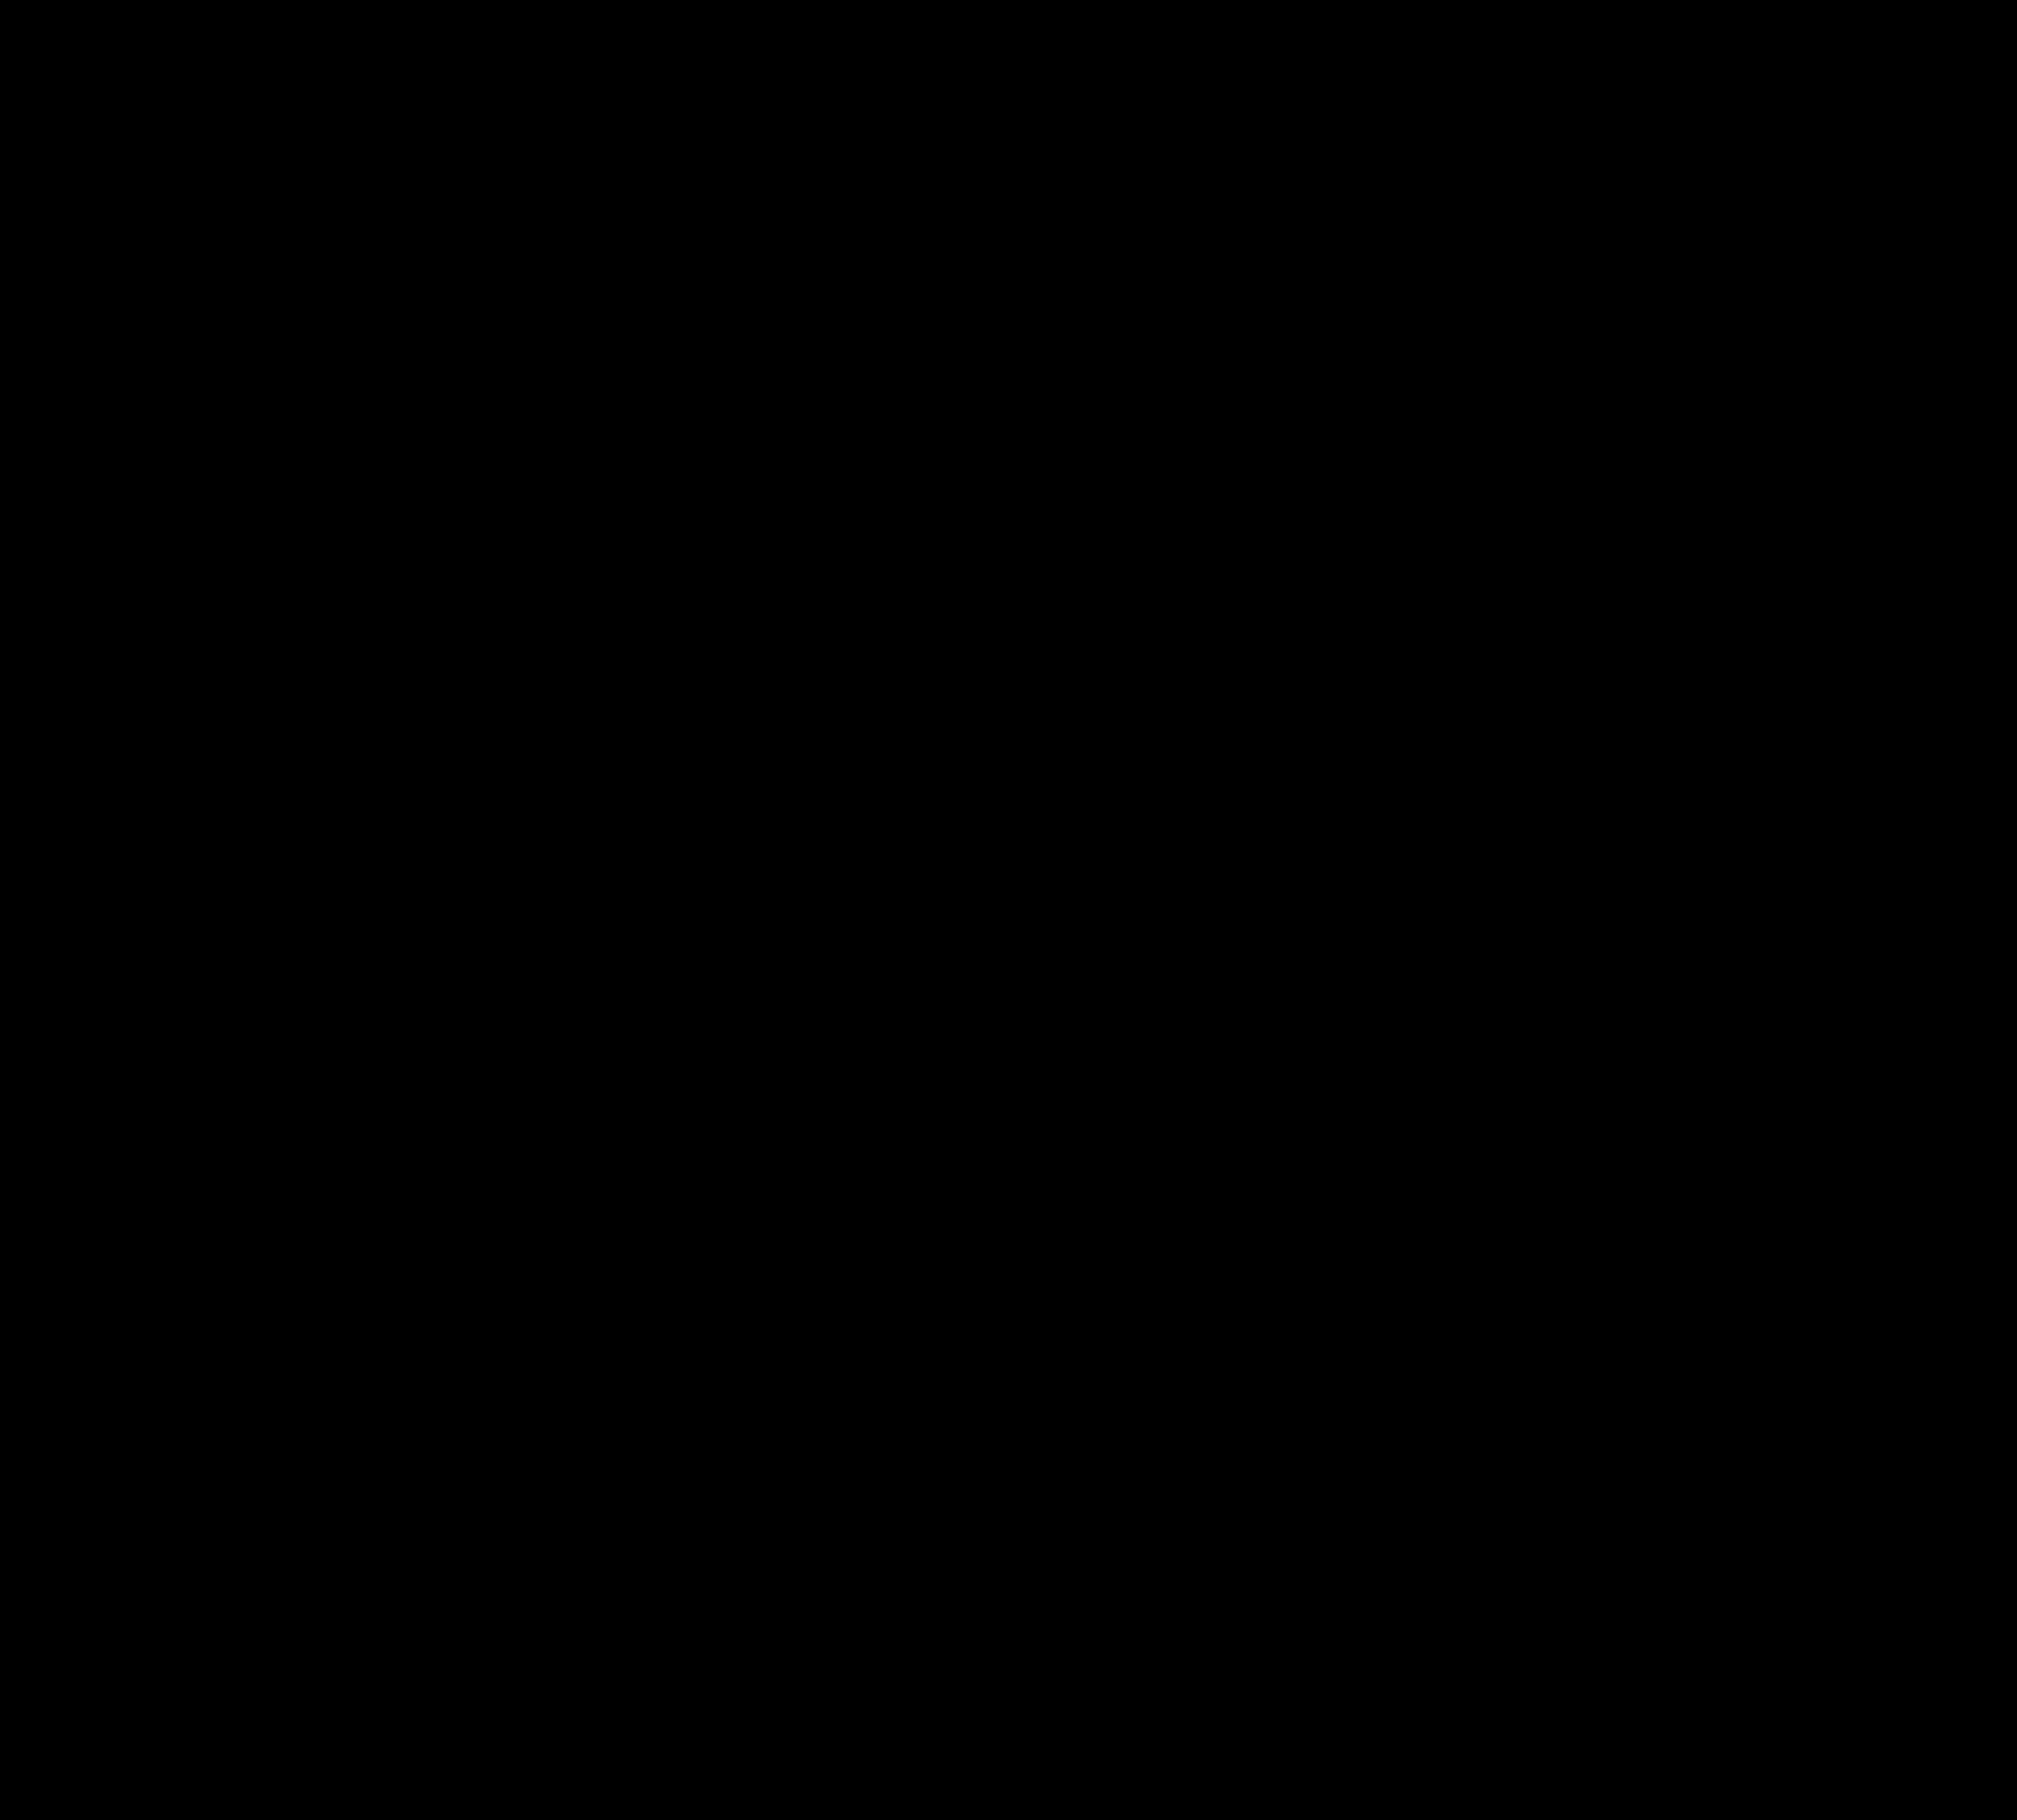 6 Grunge Square Stamp Splatter (PNG Transparent) | OnlyGFX.com